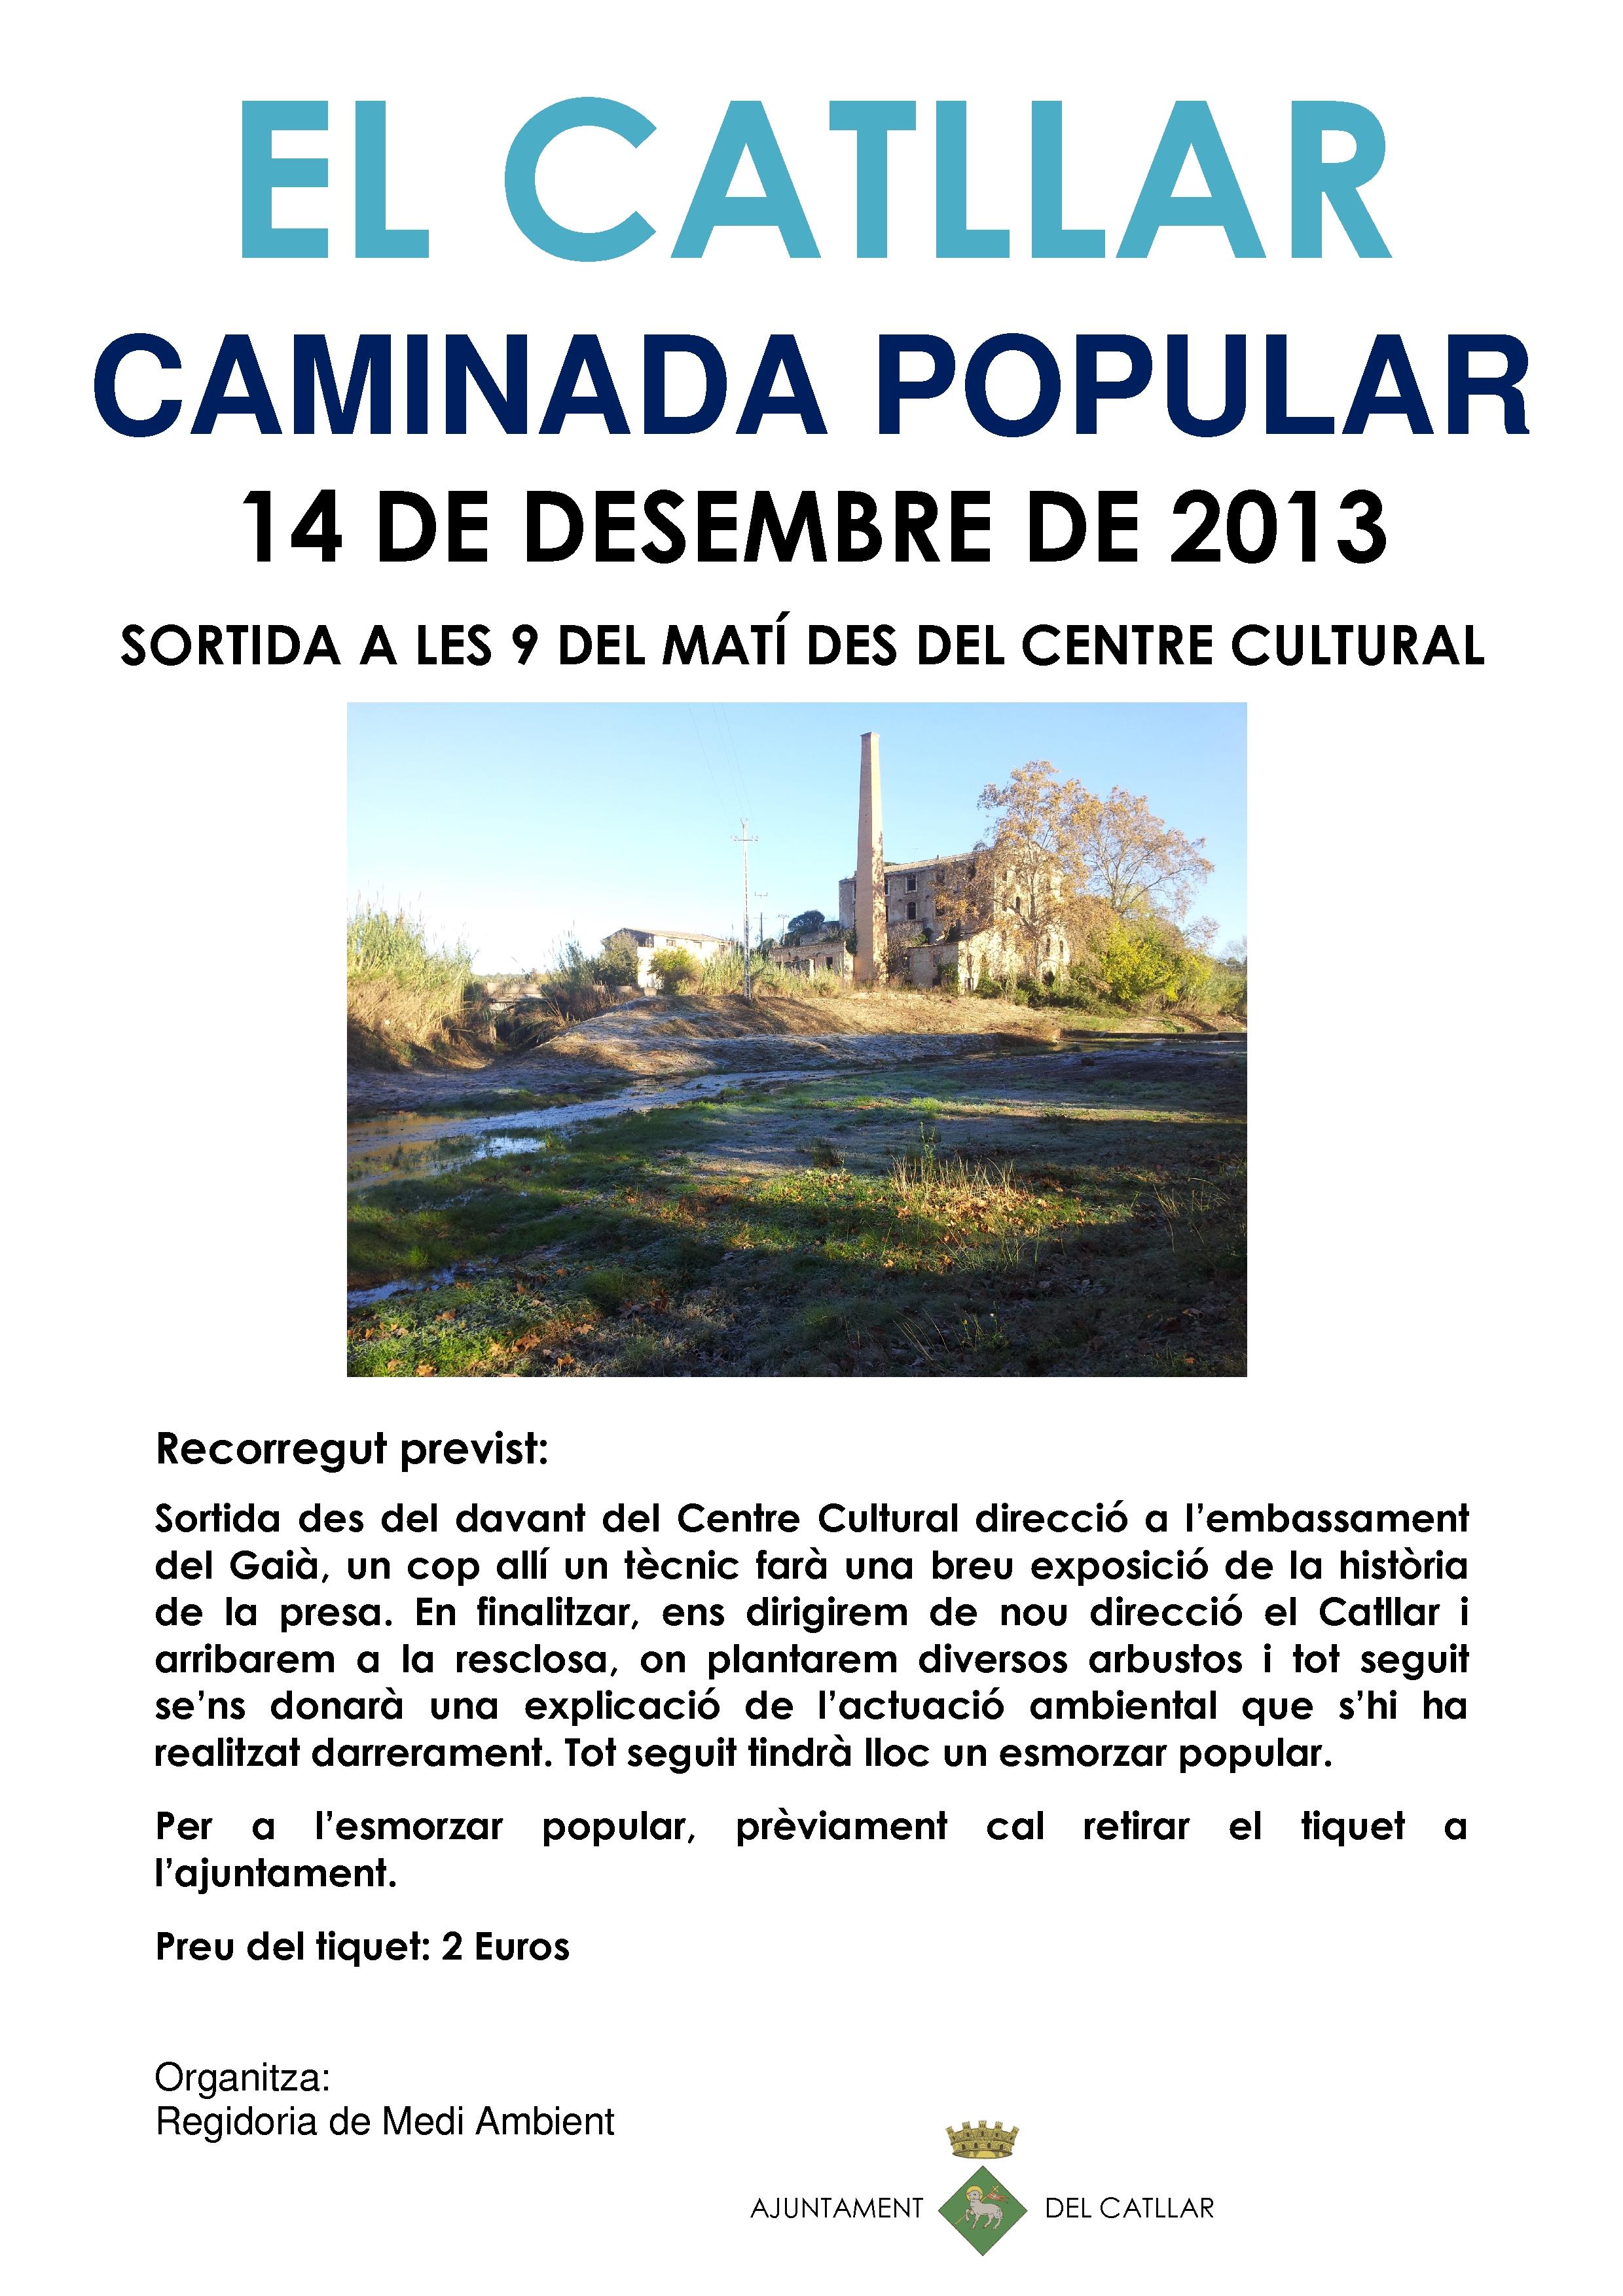 CAMINATA POPULAR FIESTA MAYOR